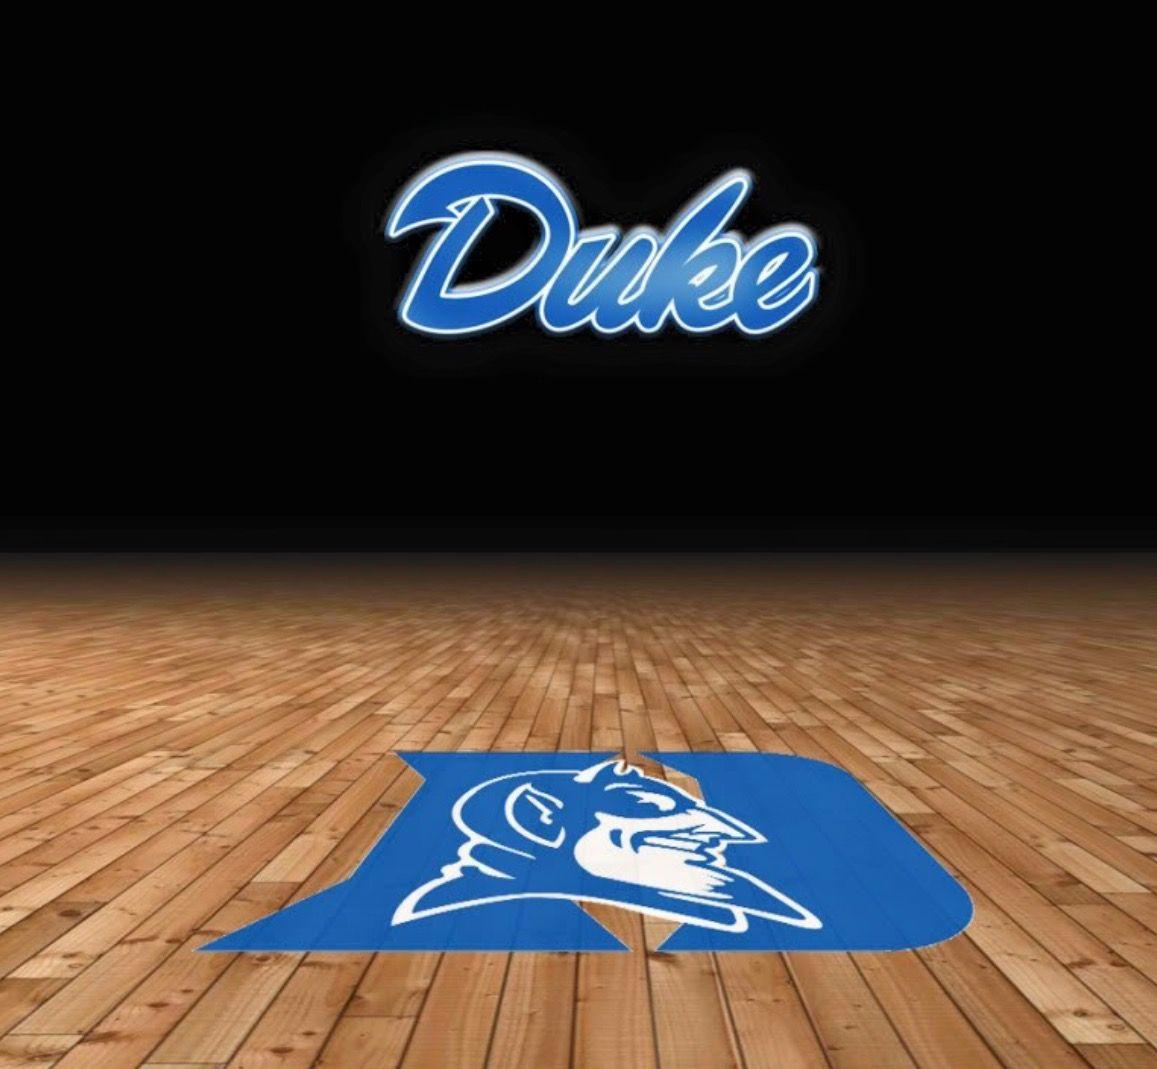 Duke Blue Devils Chrome Themes Desktop Wallpapers More Duke Blue Devils Wallpaper Duke Blue Devils Duke Blue Devils Basketball